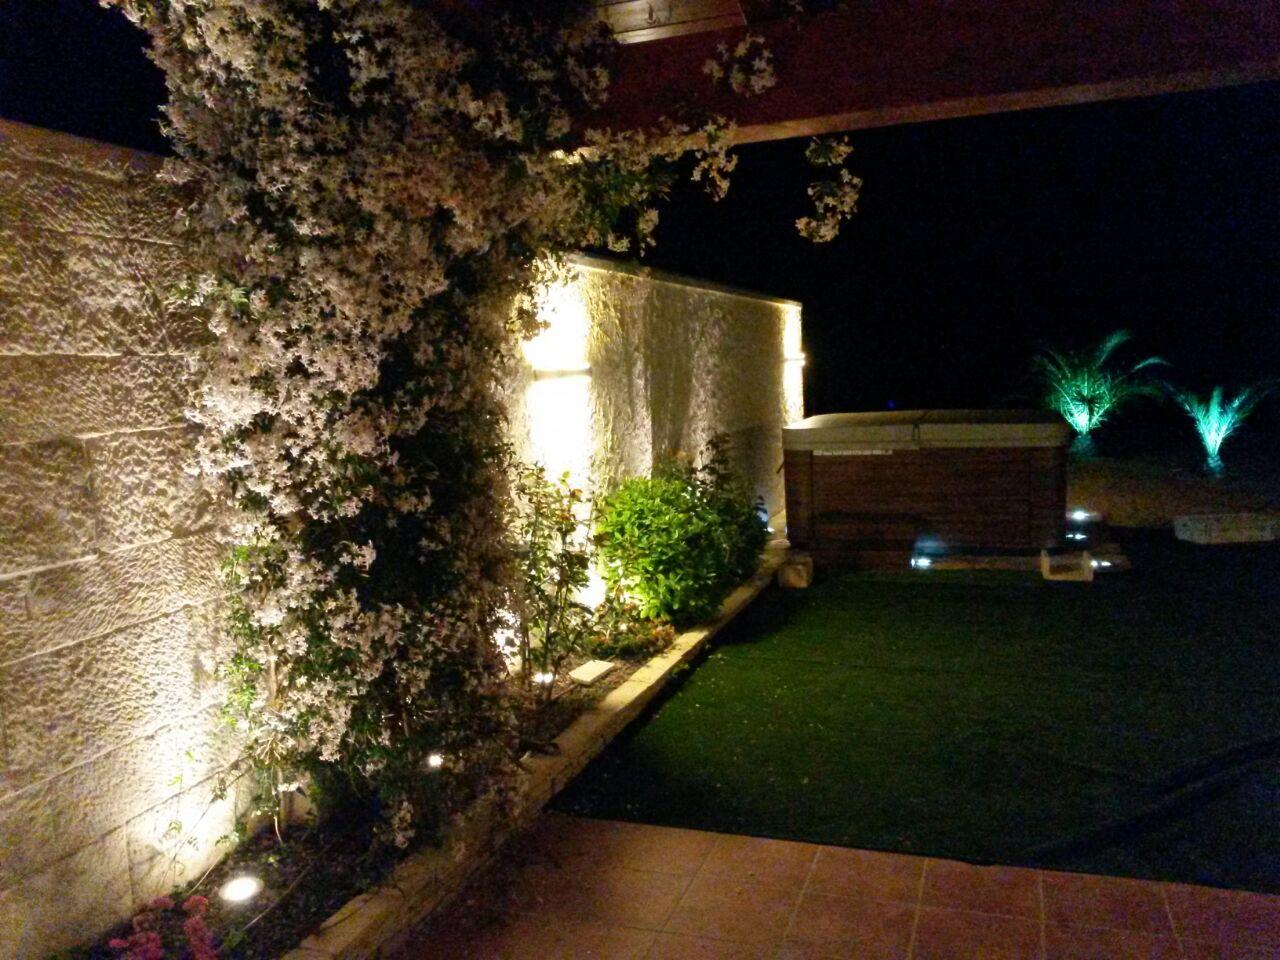 Iluminaci n insbar for Iluminacion para exteriores